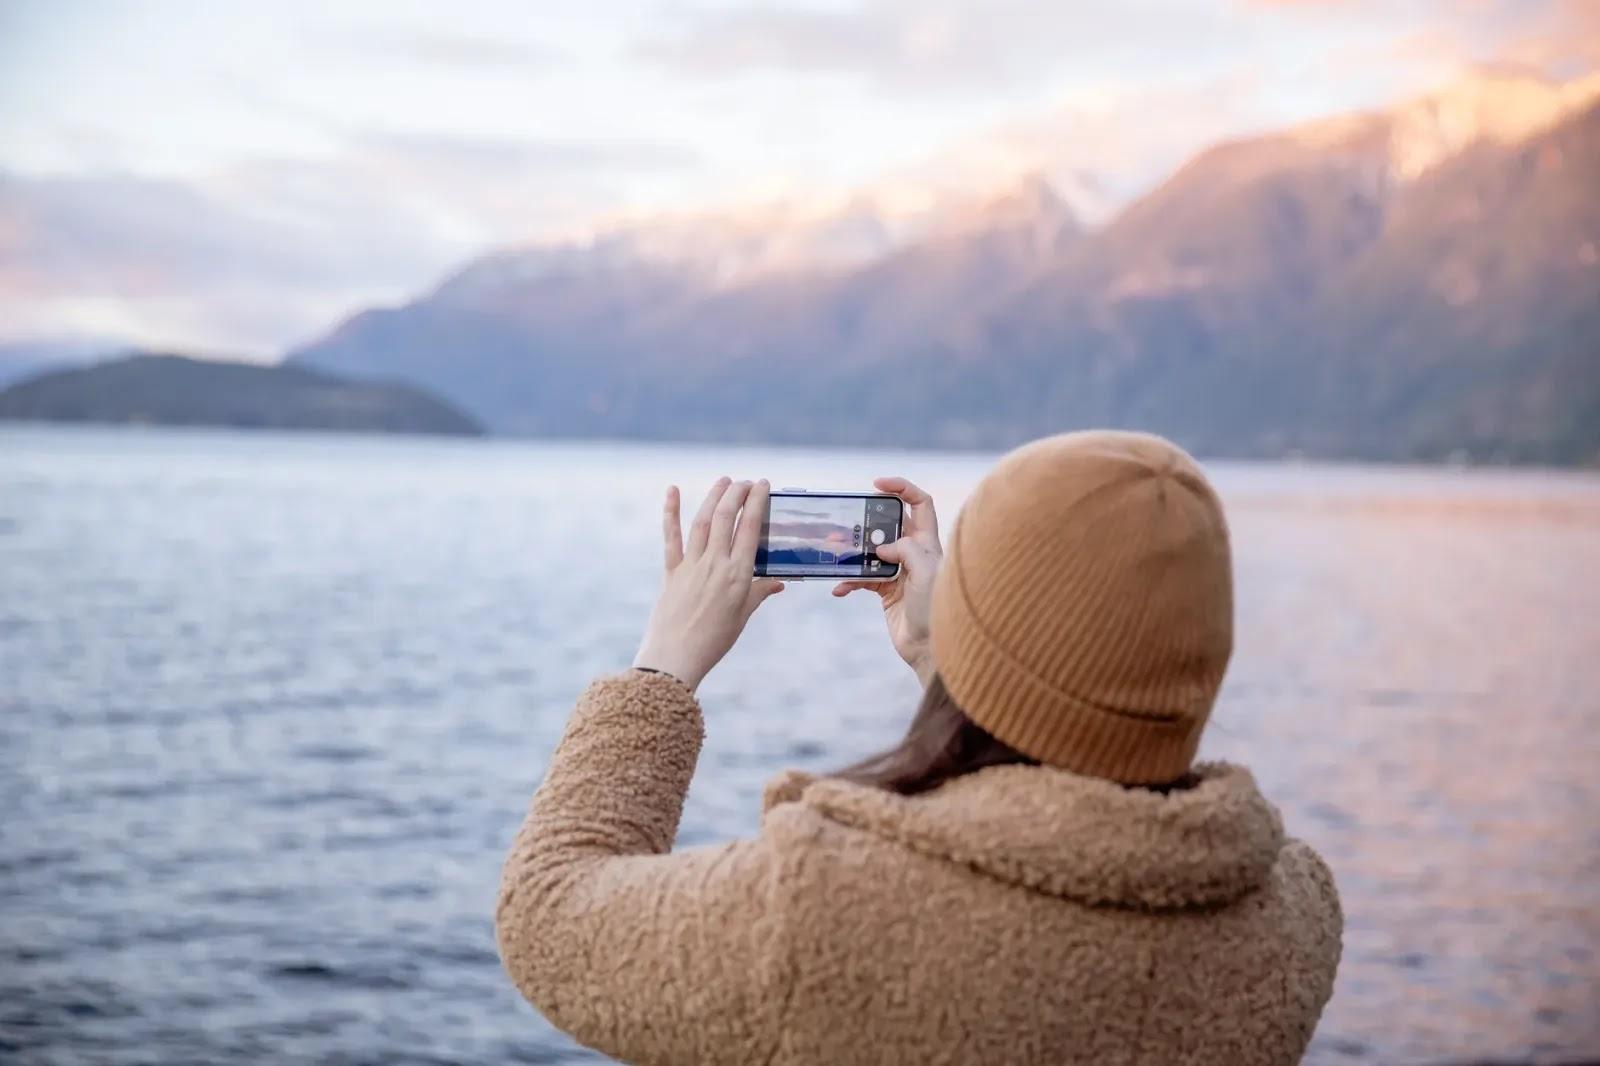 Jak wywołać zdjęcia z własnego smartfona?